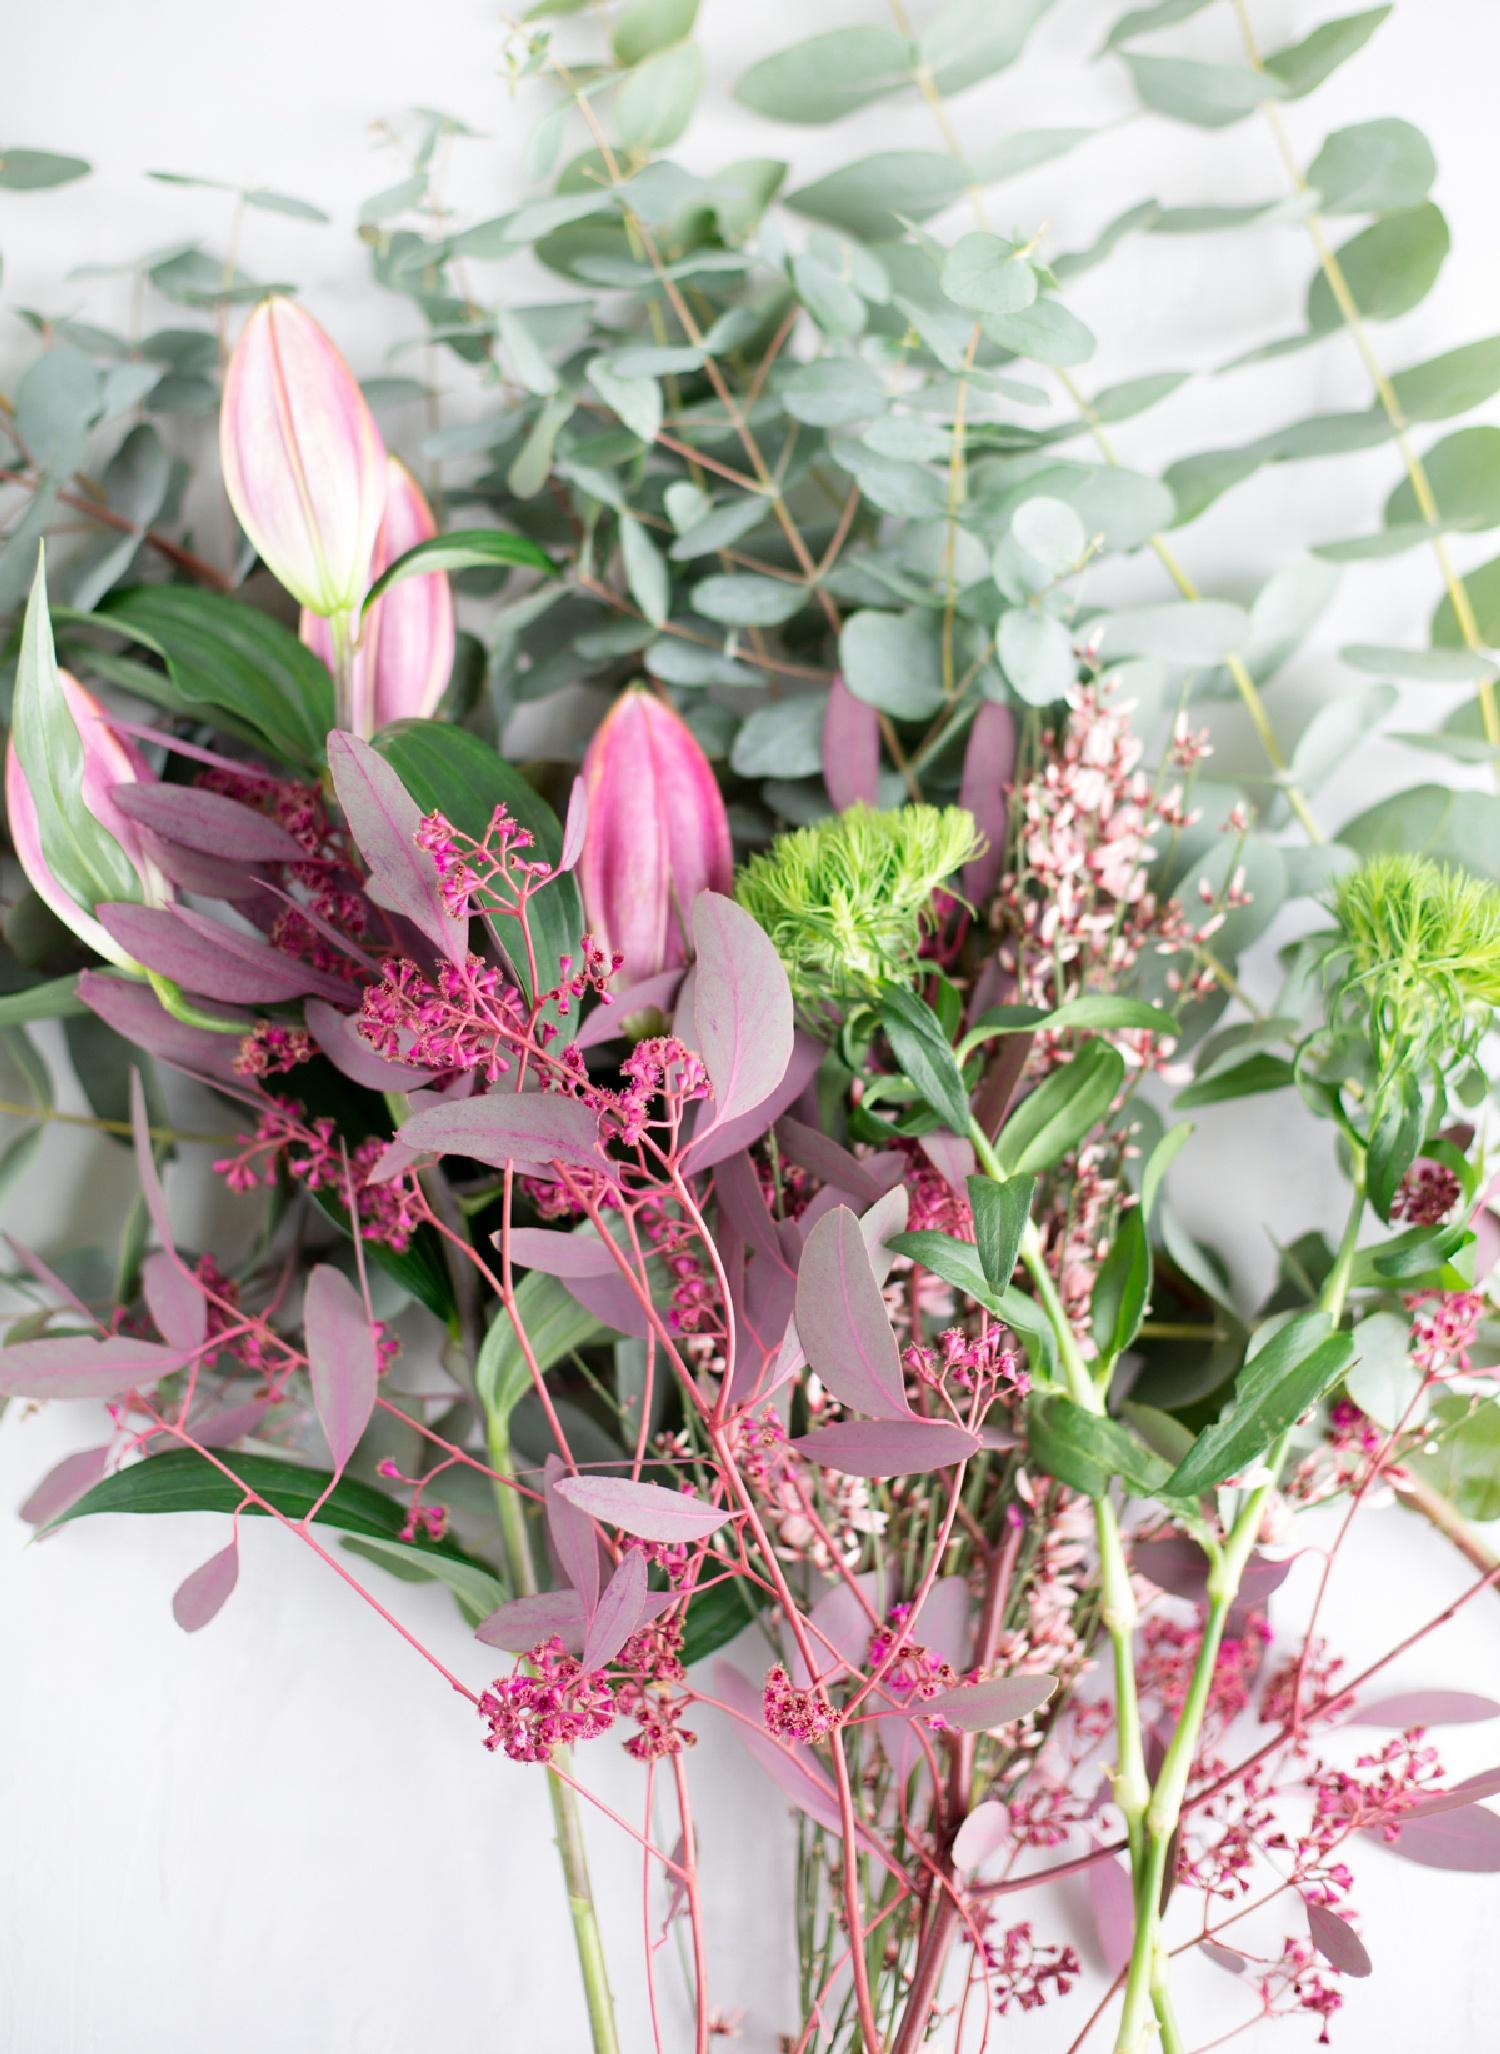 Lose Blumen aus dem Blumenladen - selbstzusammengestellt Blumensträuße